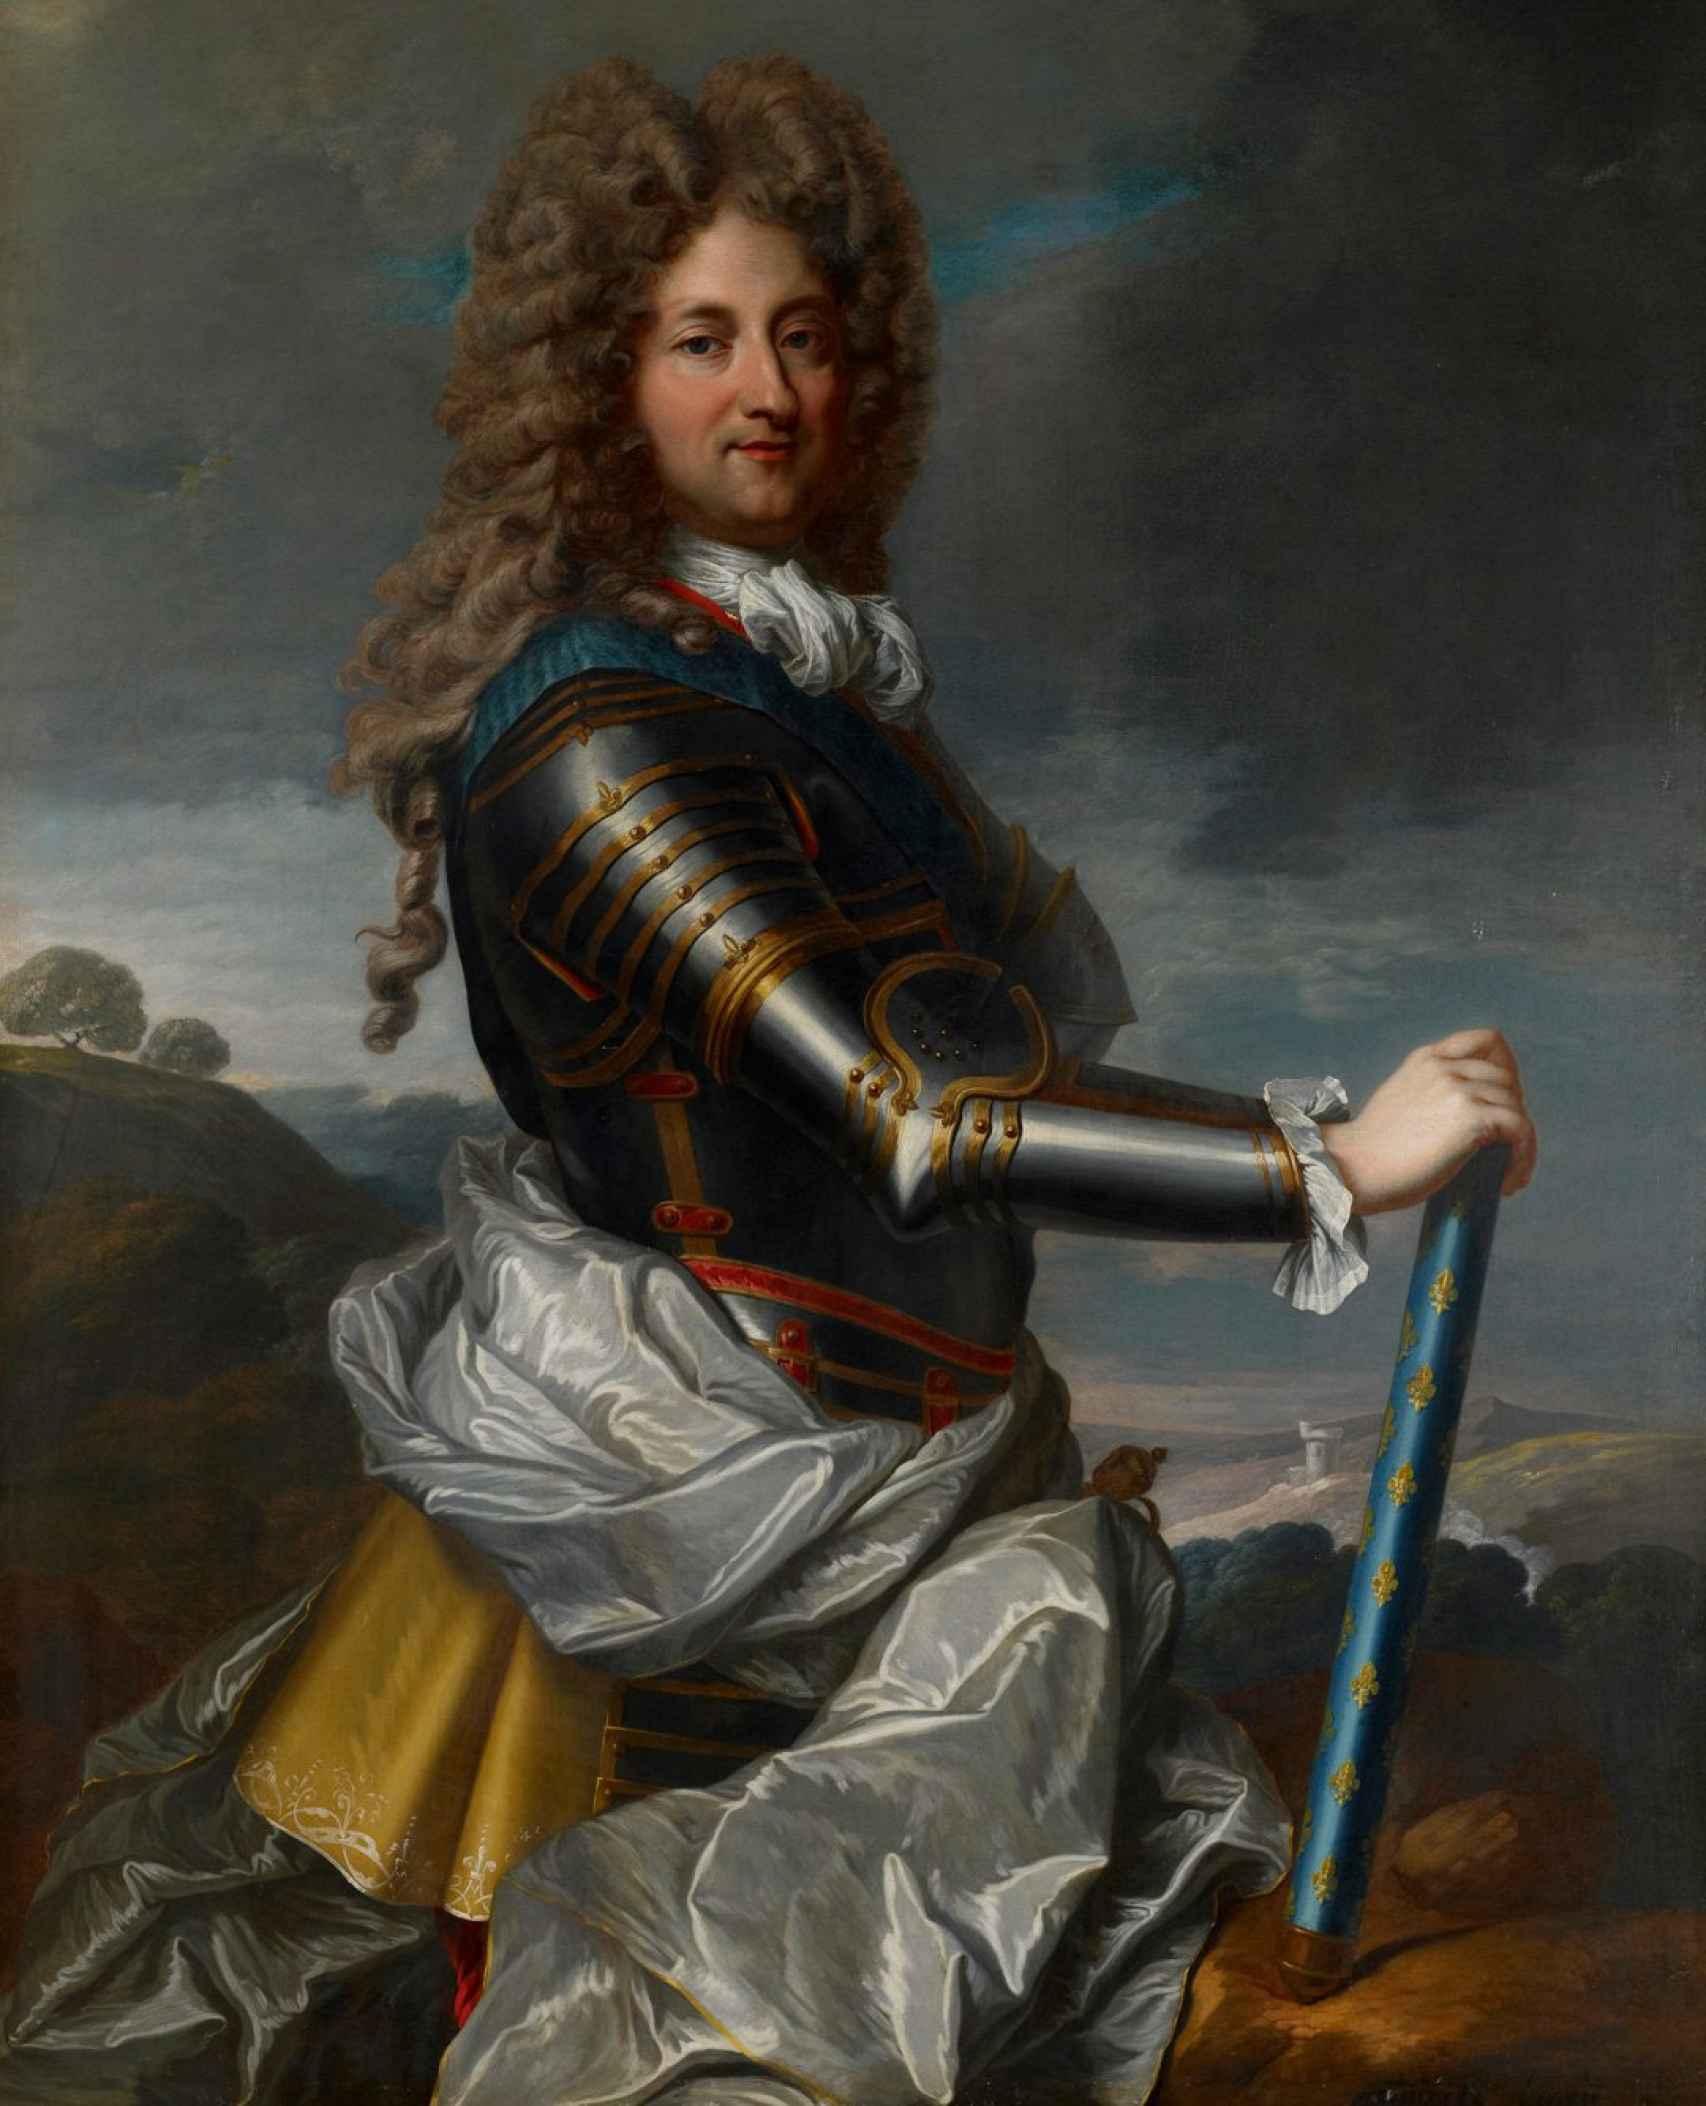 Felipe de Orleans, el regente que desaprobó los actos violentos del Conde de Charolais.